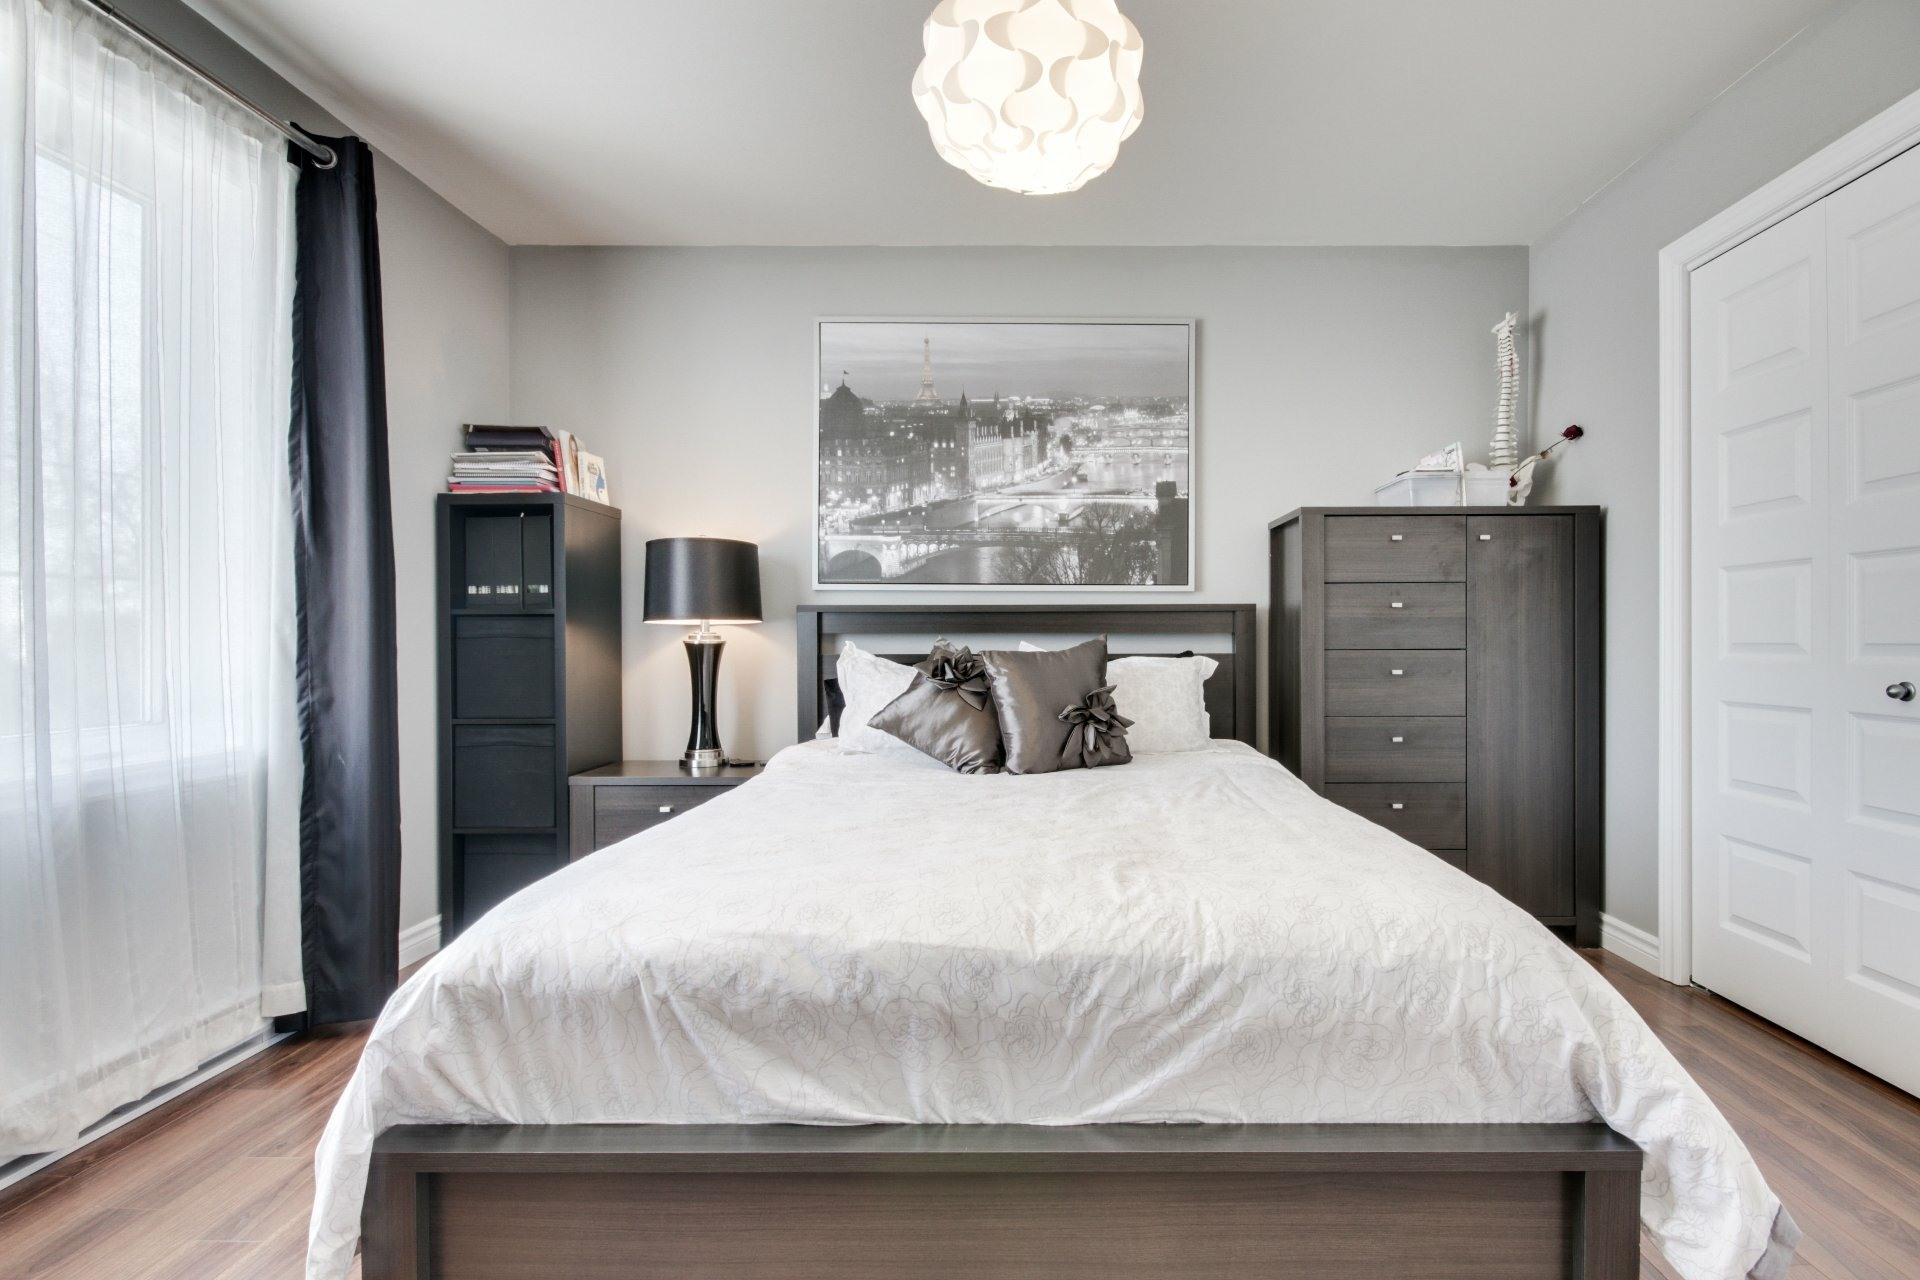 image 18 - Apartment For sale Trois-Rivières - 6 rooms